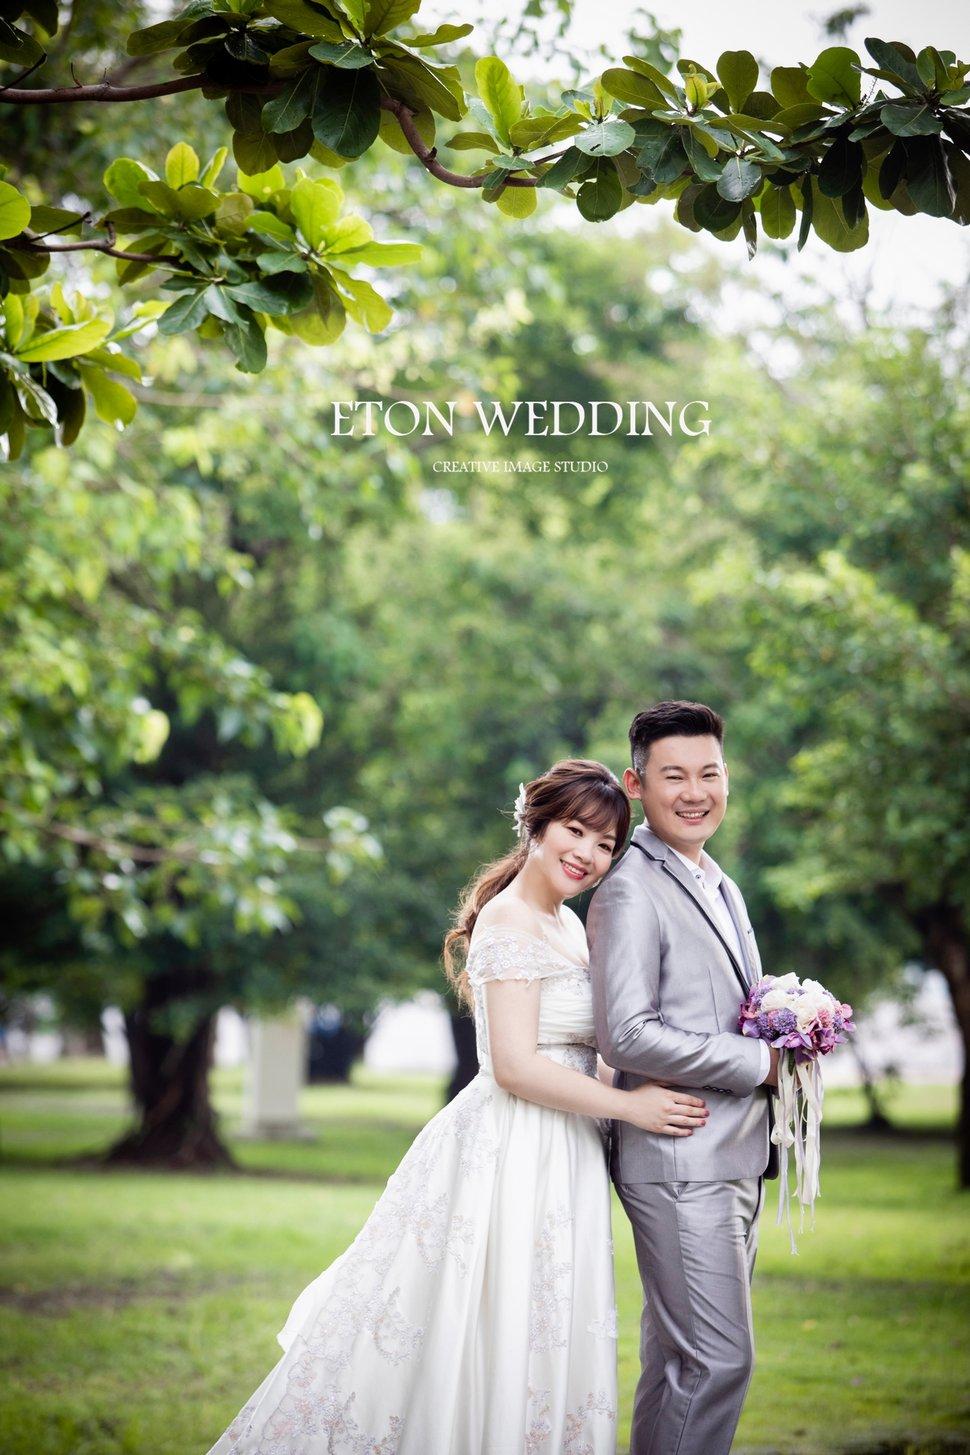 高雄婚紗,伊頓自助婚紗 (14) - 伊頓自助婚紗攝影工作室(高雄創始店)《結婚吧》